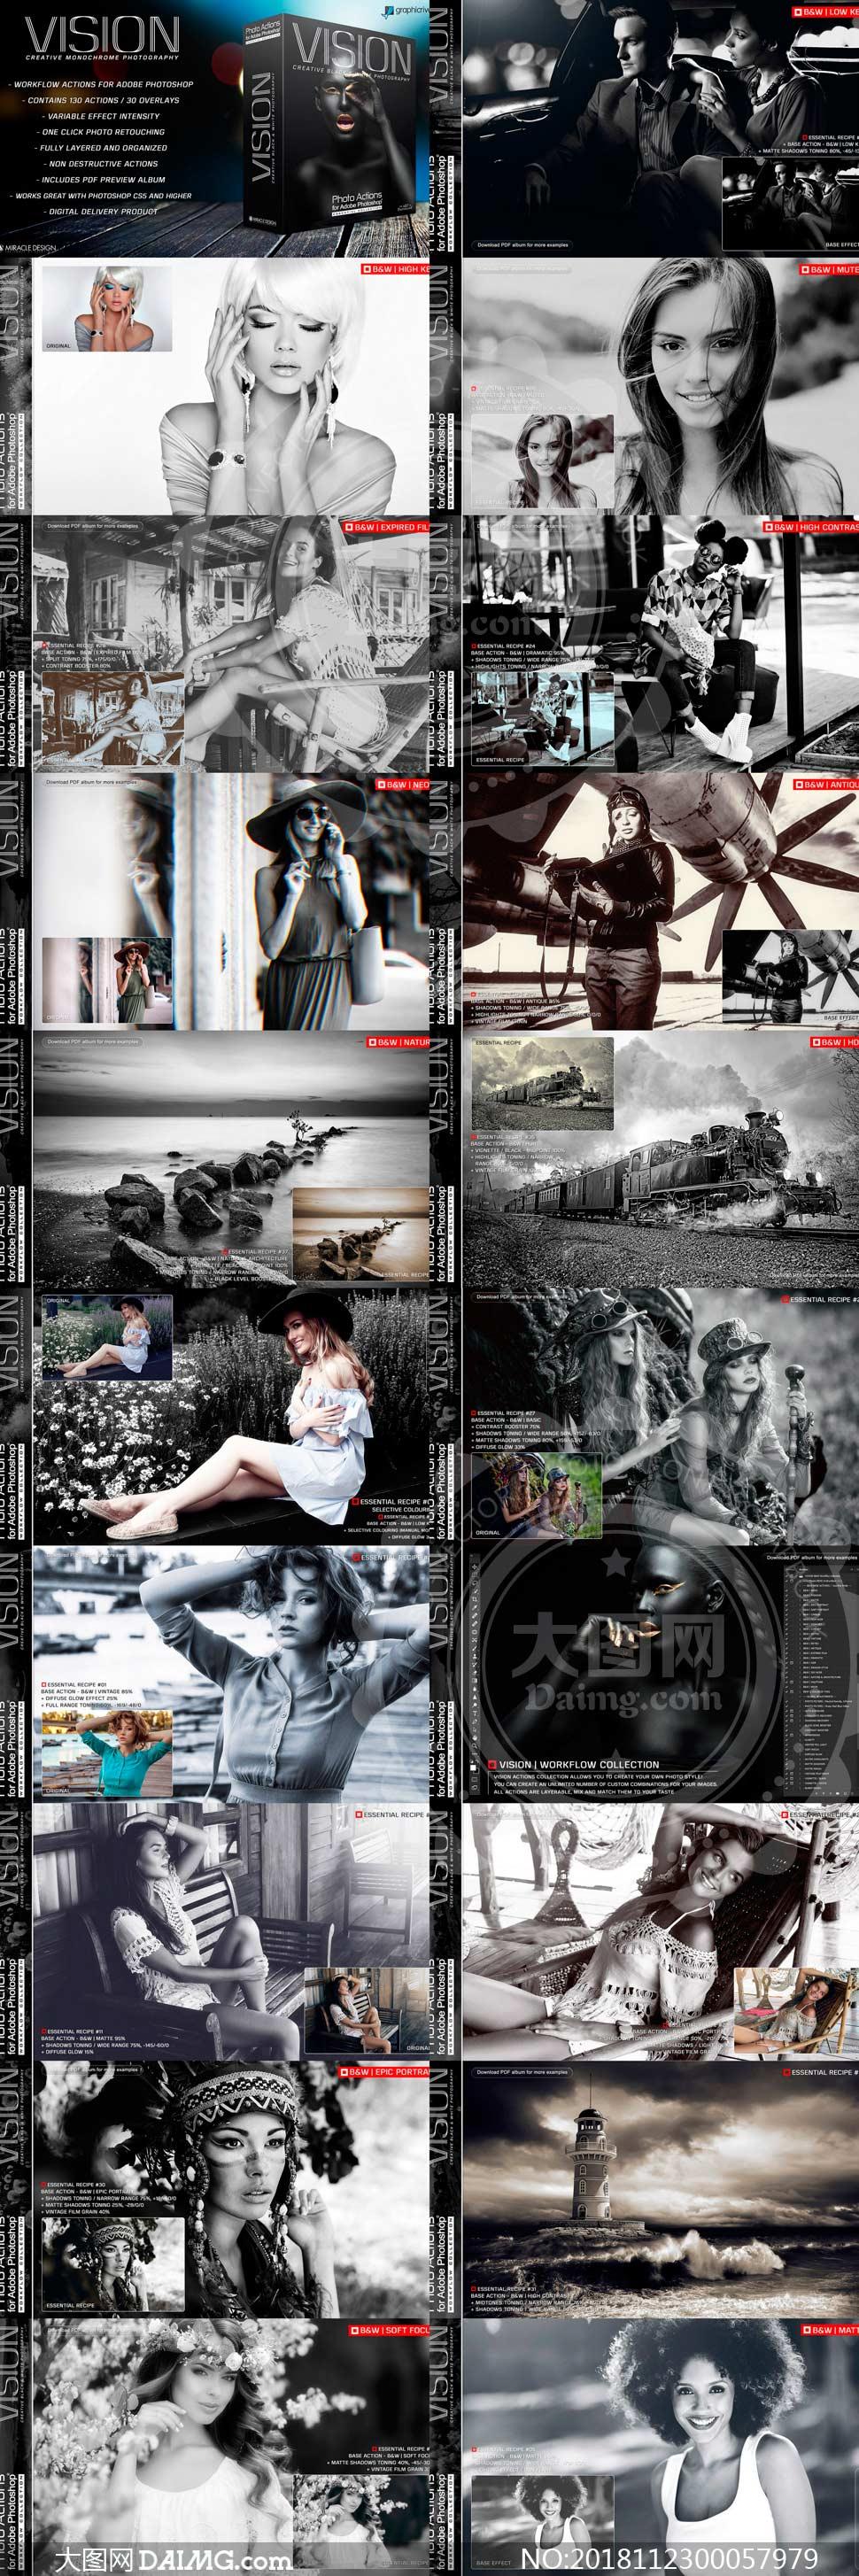 中文版专业视觉人像黑白效果PS动作